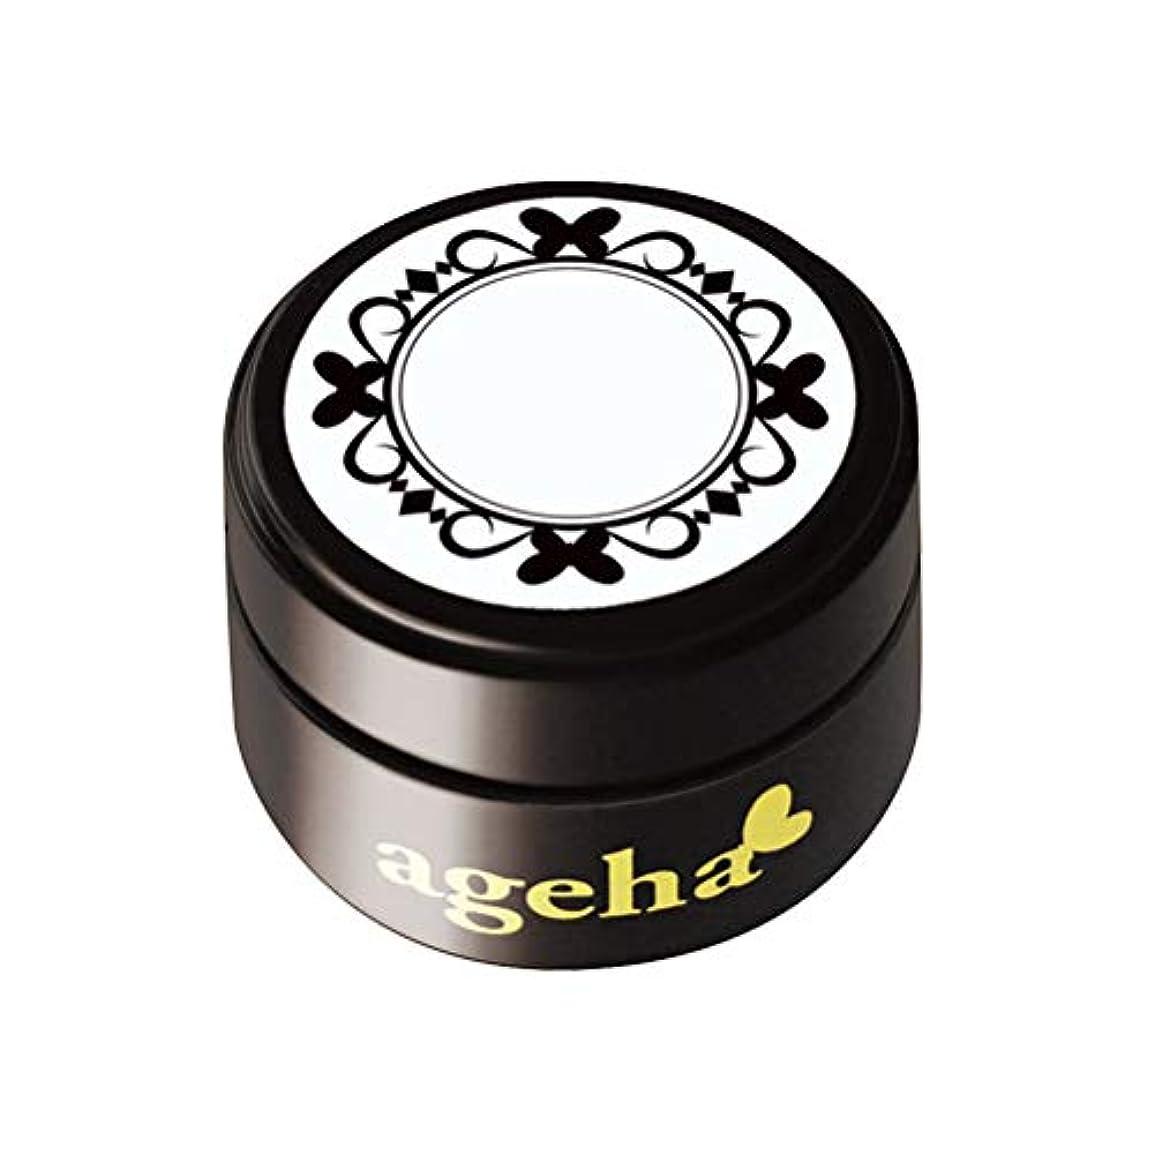 オデュッセウスすり高いageha コスメカラー 233 レトロマスタード 2.7g UV/LED対応